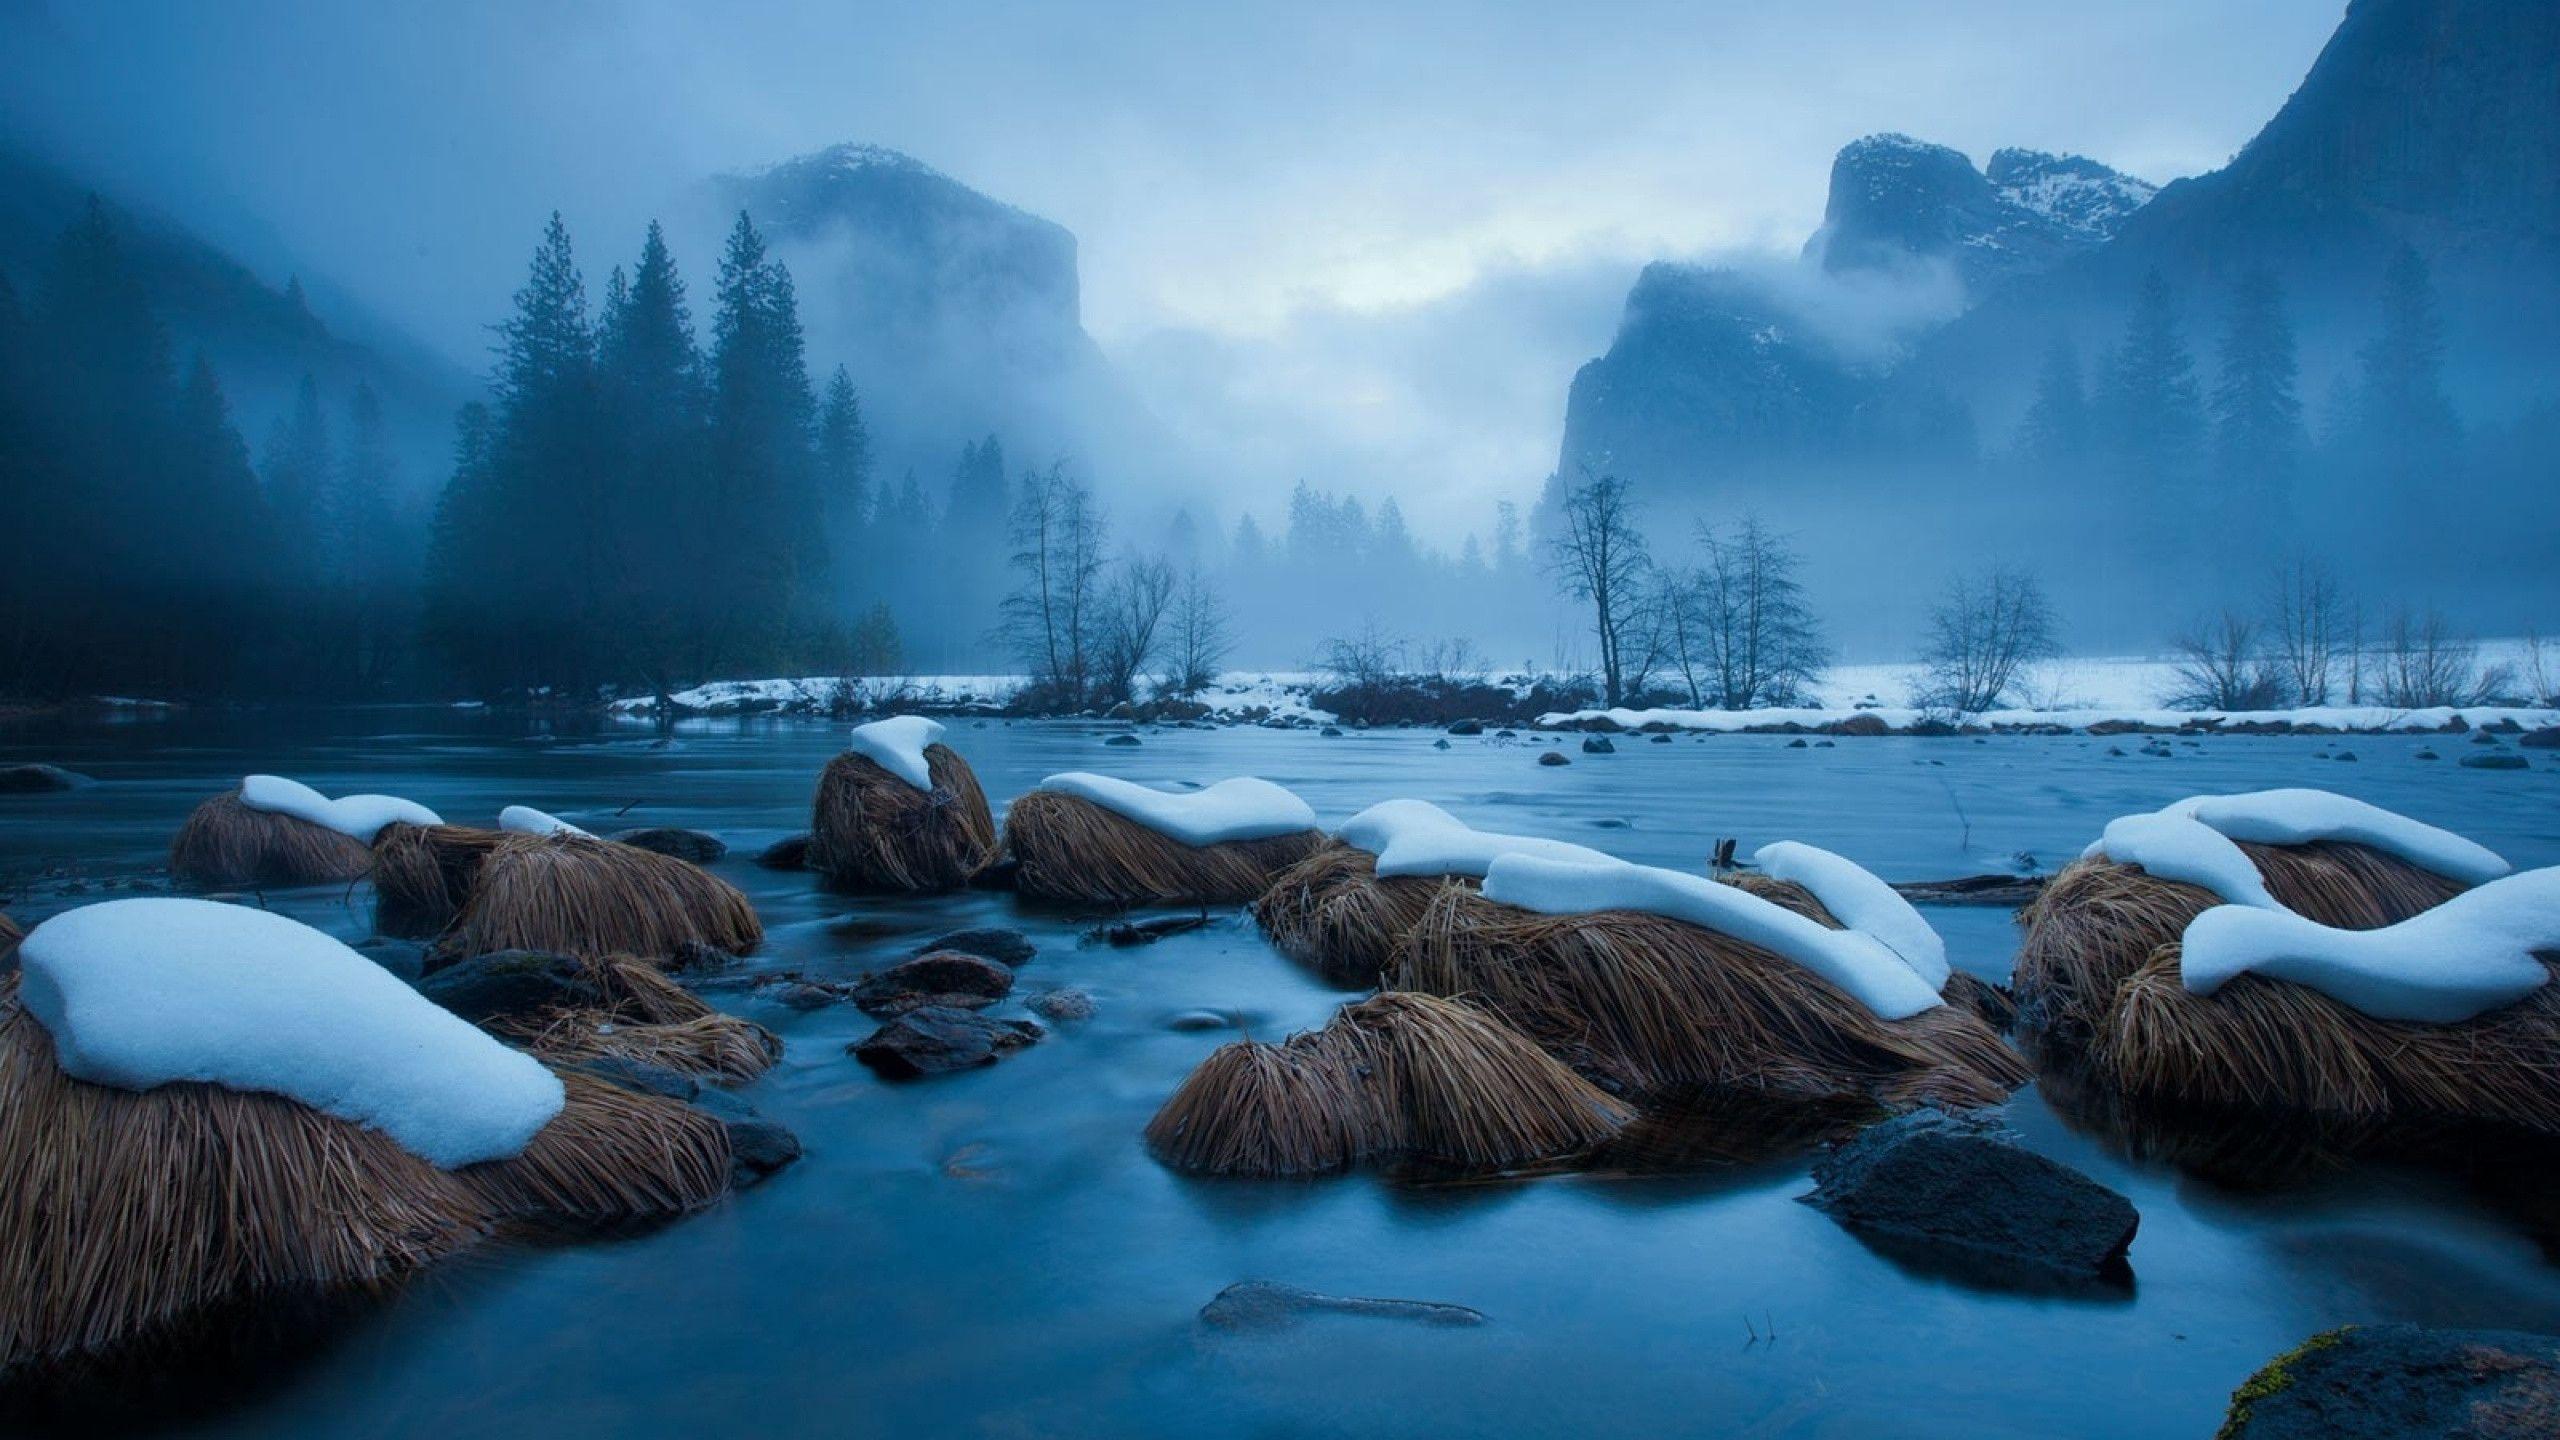 Top Wallpaper Macbook Yosemite - Yosemite-Wallpapers-005  Collection_885157.jpg